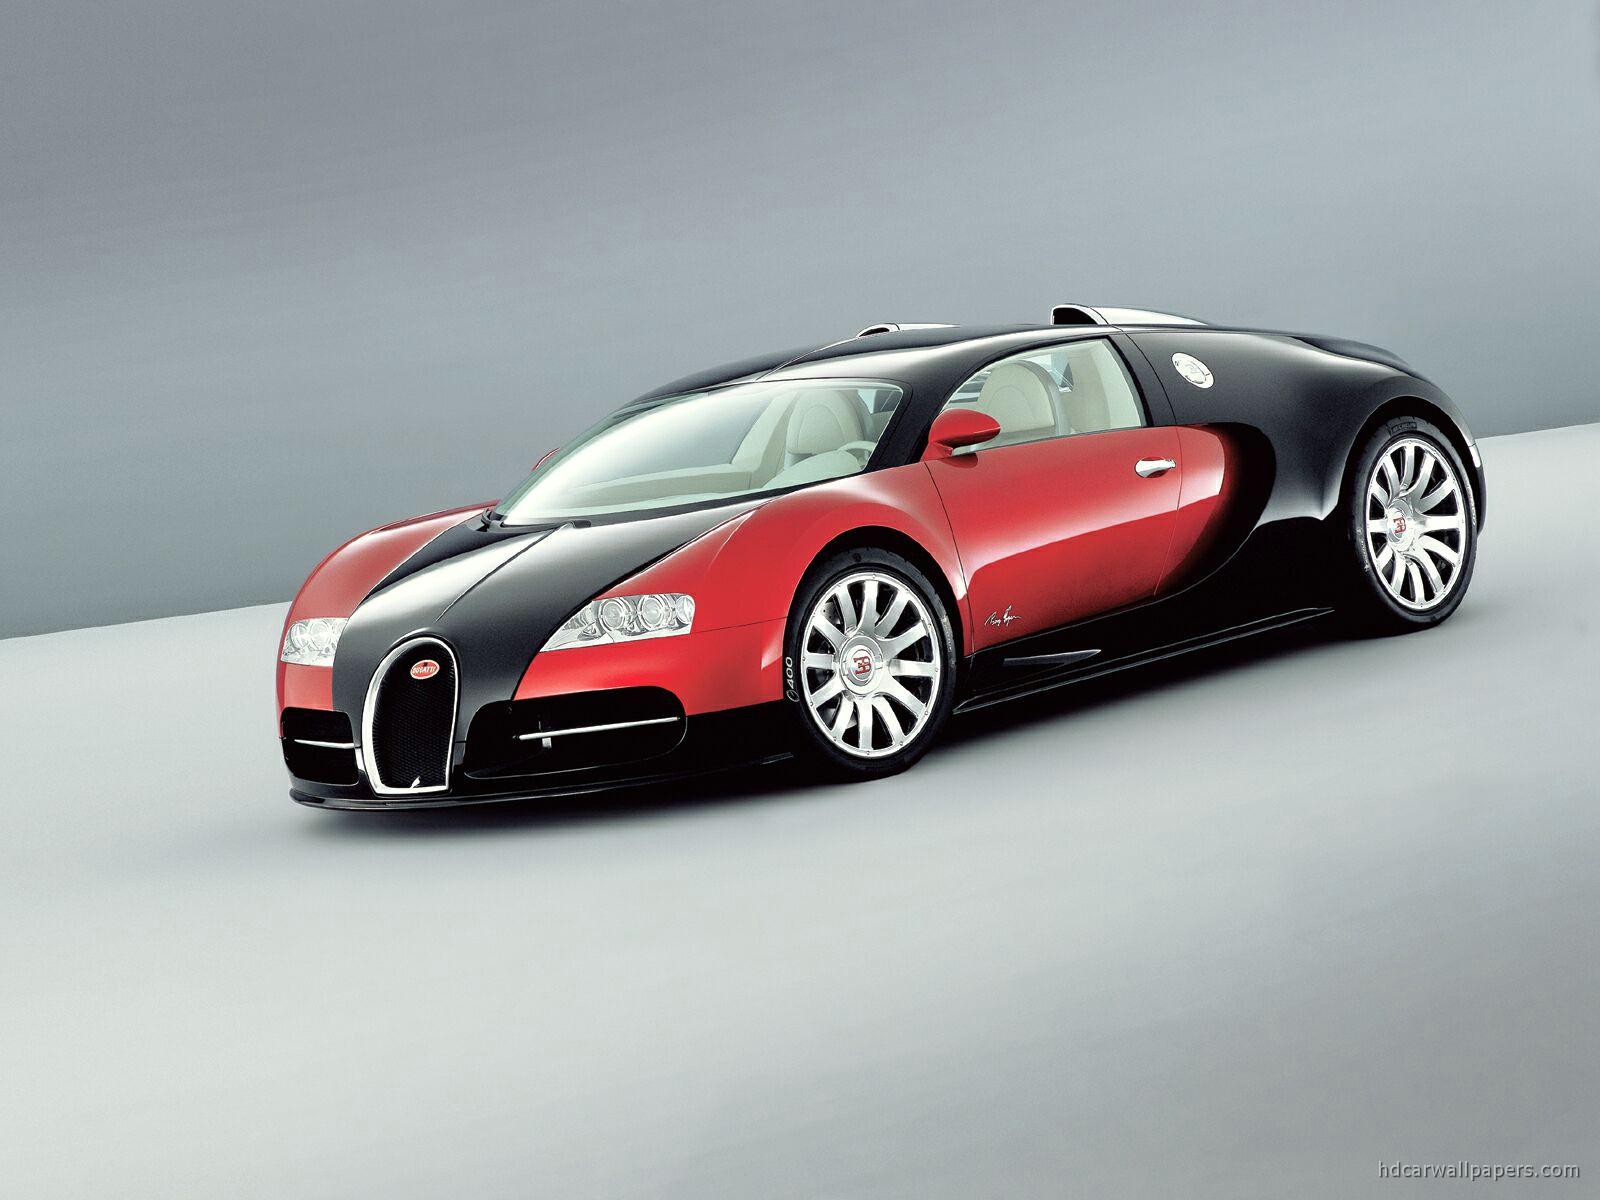 bugatti veyron - Bugatti Veyron Wallpaper